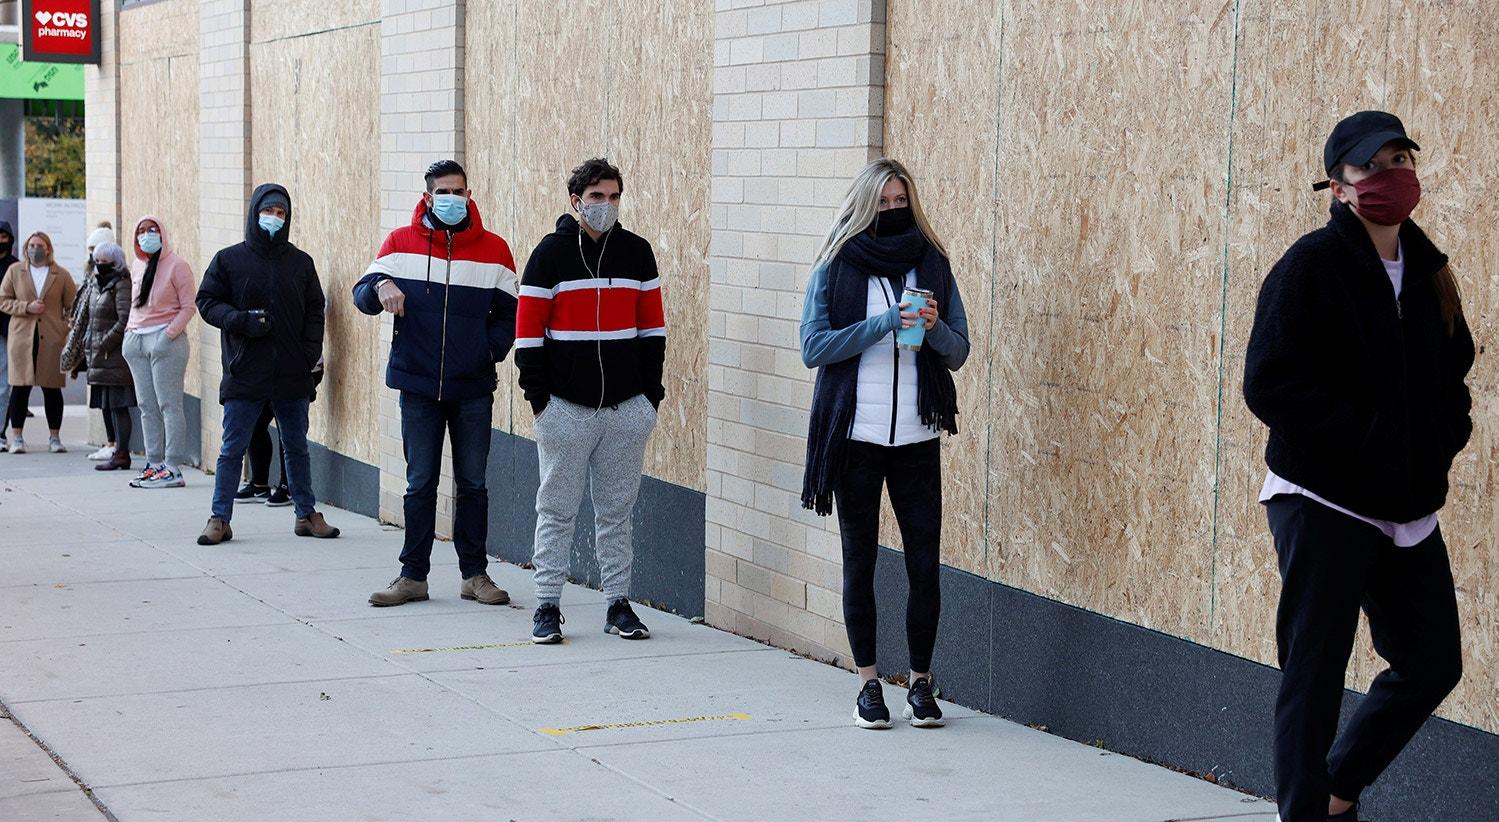 Os eleitores aguardam para votar numa fila com distância de segurança entre eles na Filadélfia, Pensilvânia | REUTERS/Rachel Wisniewski